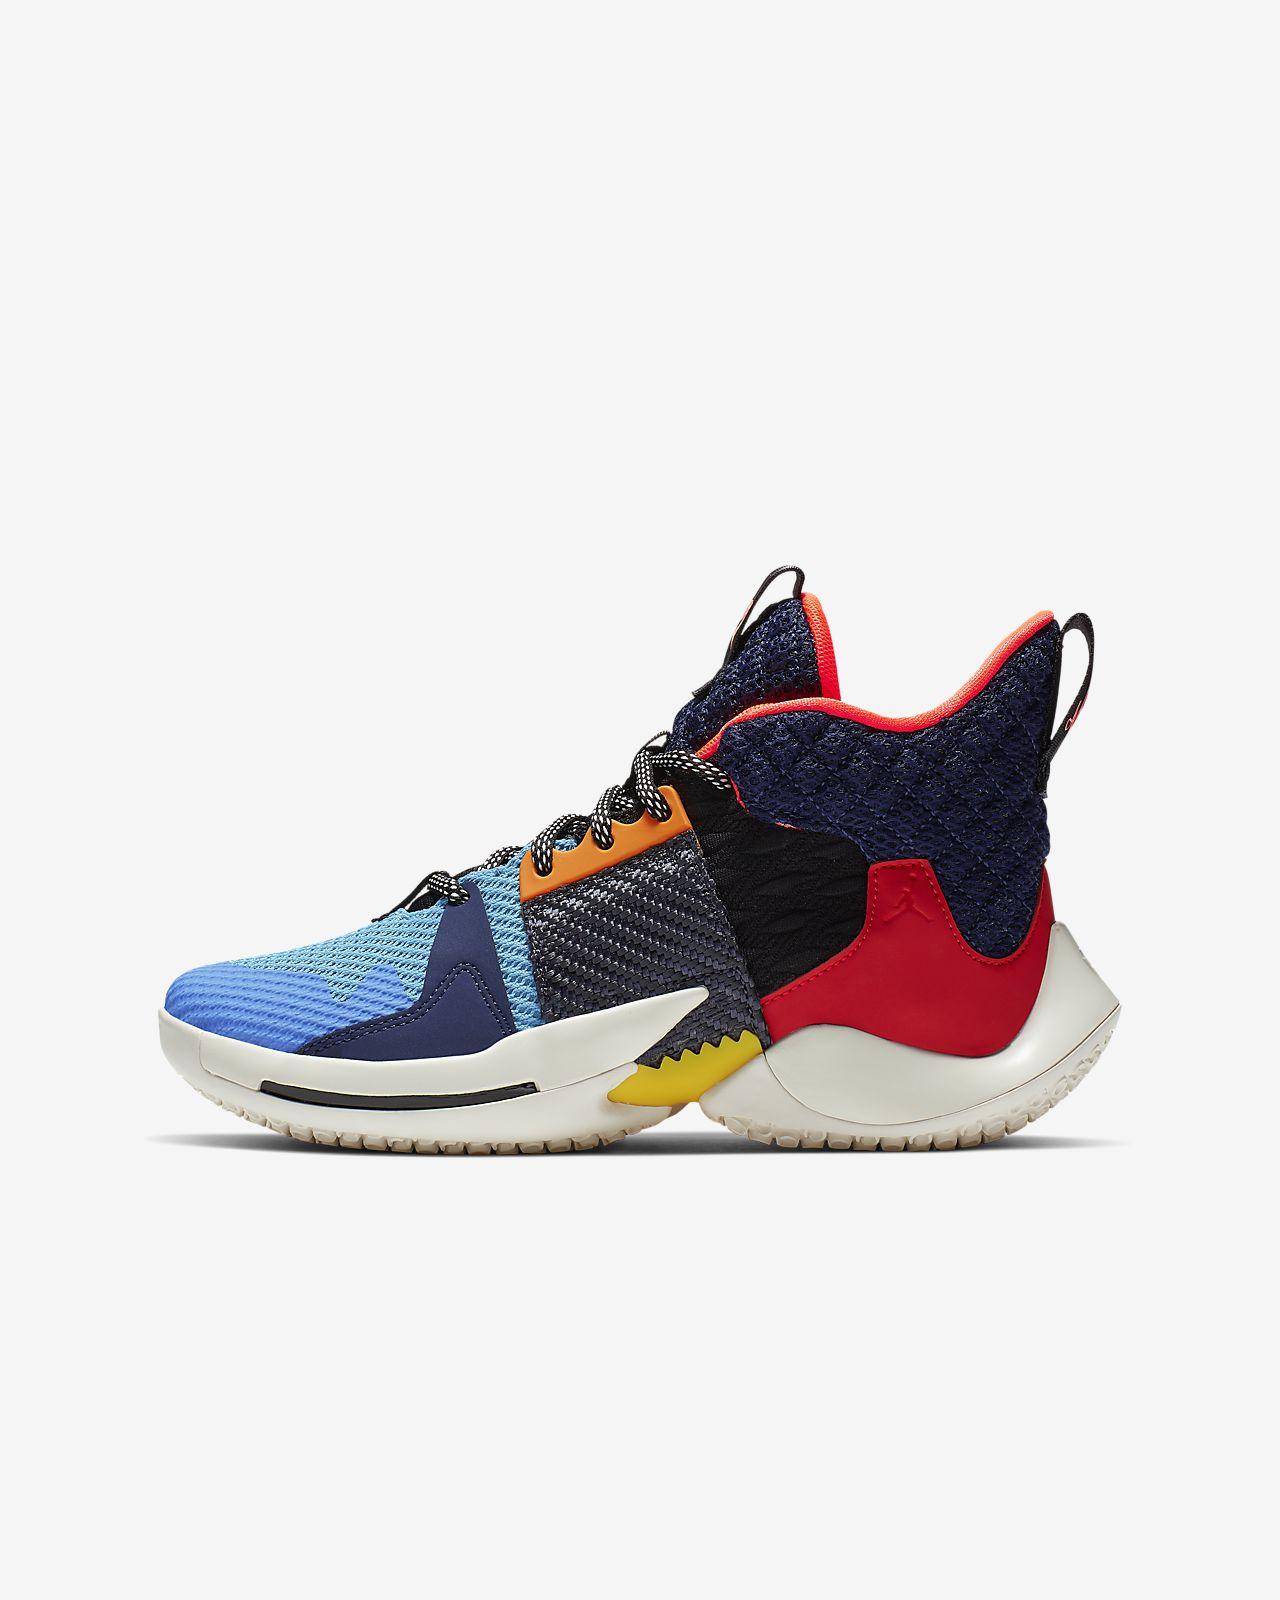 acheter en ligne 942d8 34be0 Chaussure de basketball Jordan « Why Not? » Zer0.2 pour Enfant plus âgé.  Nike.com CA